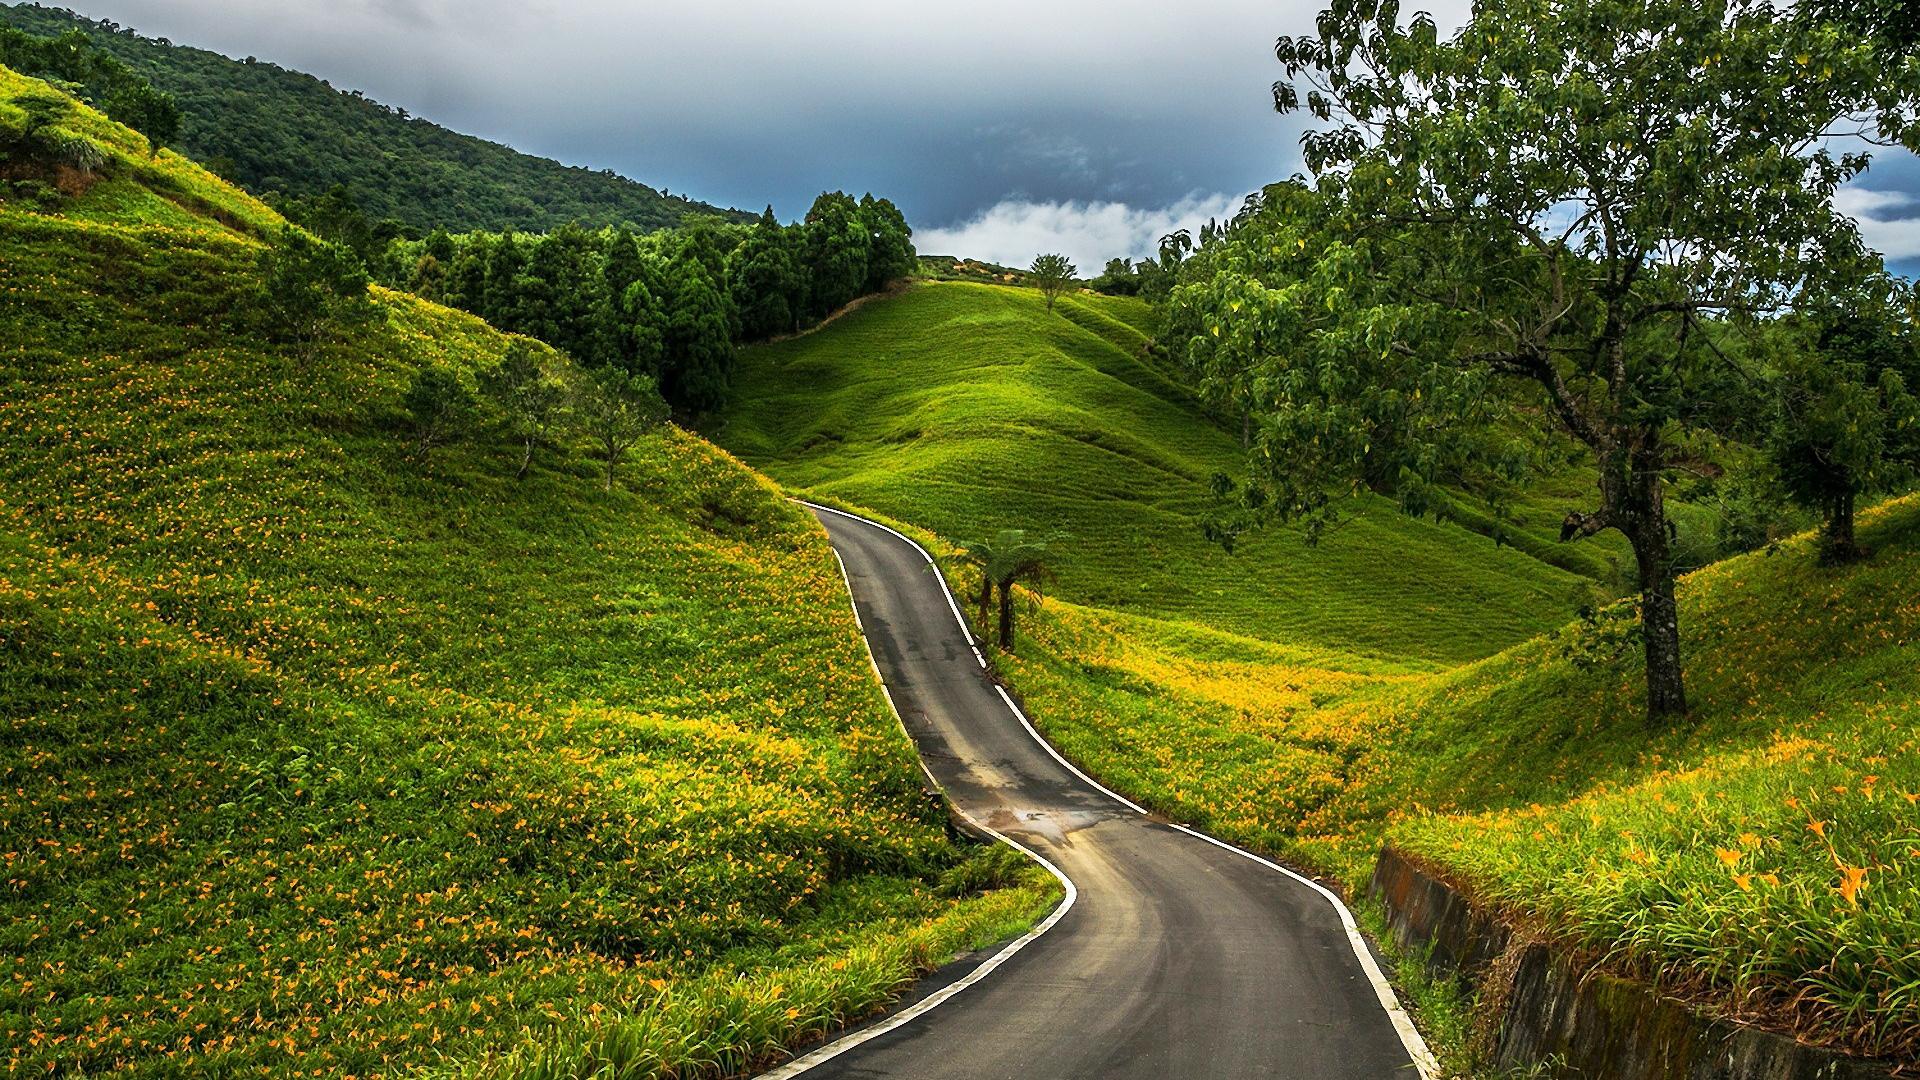 69052372-beautiful-road-wallpapers